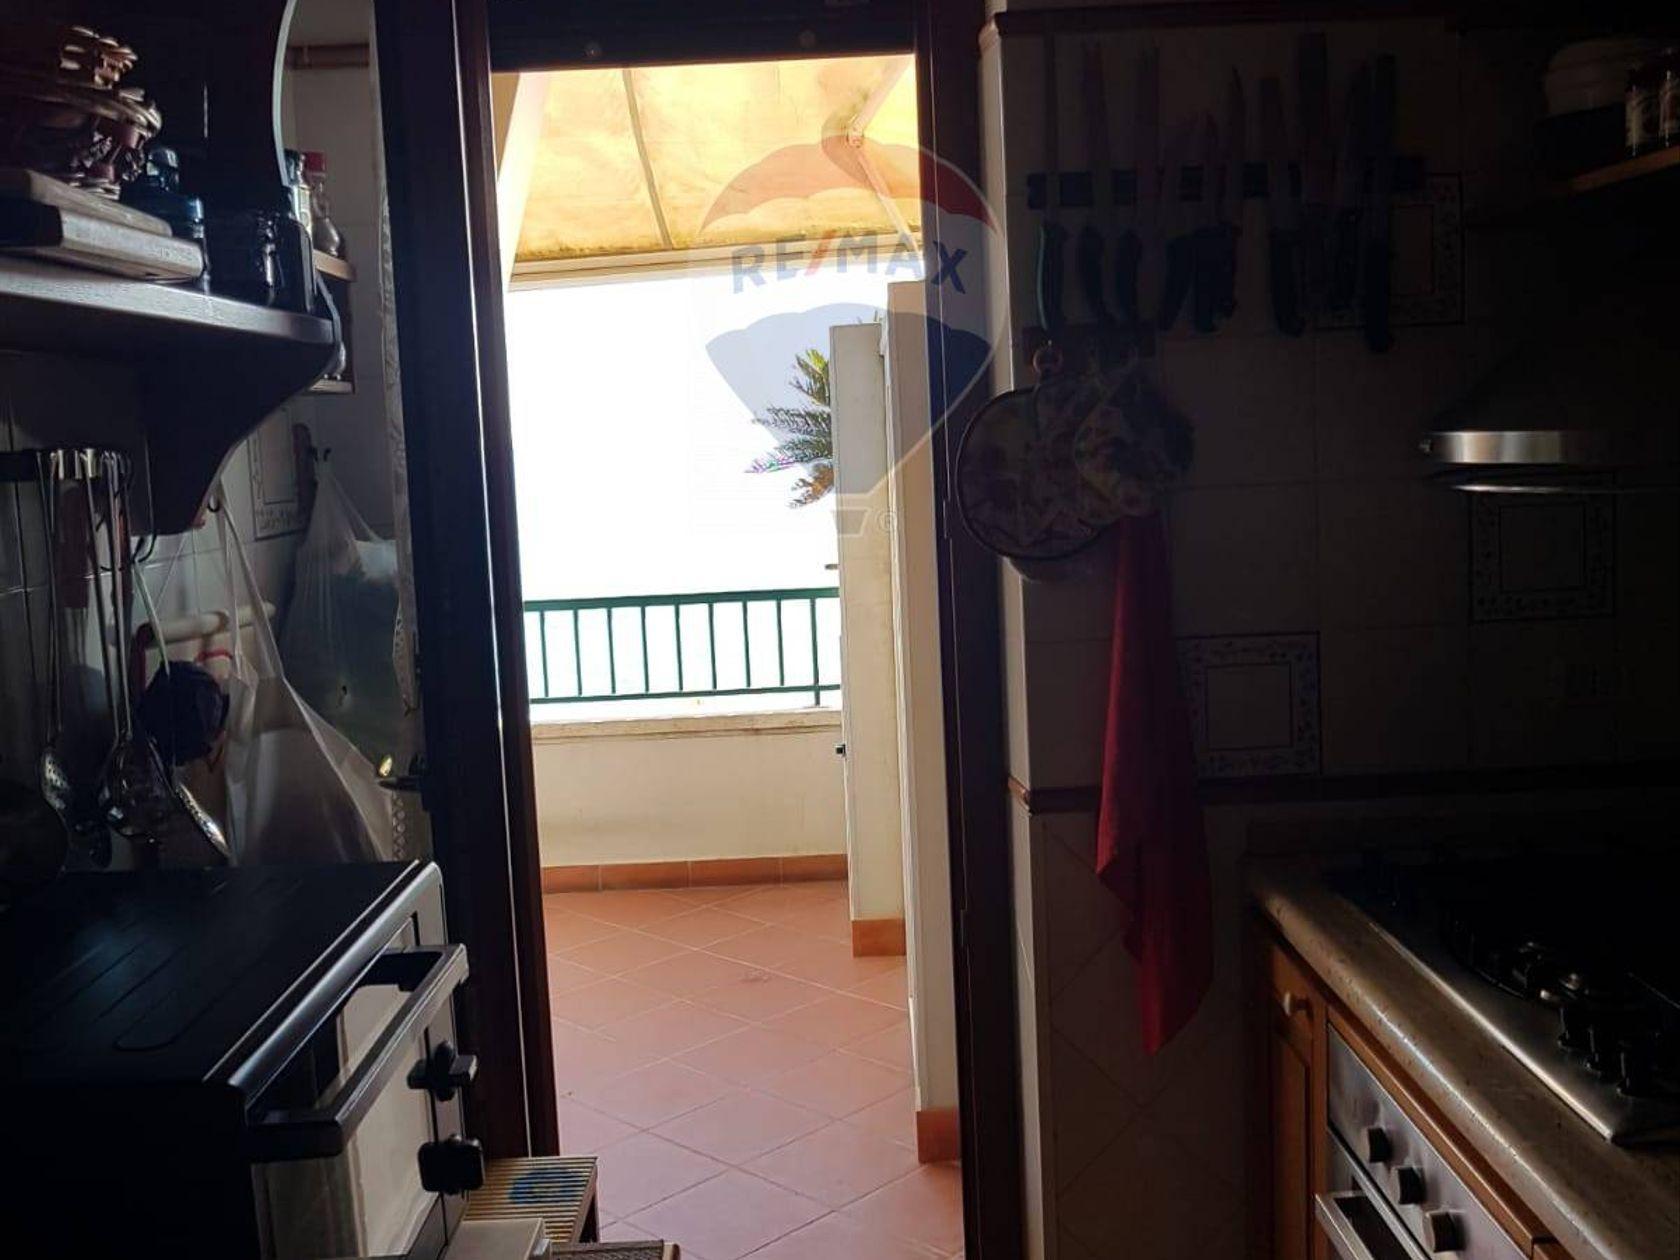 Attico/Mansarda Anzio-centro, Anzio, RM Vendita - Foto 21